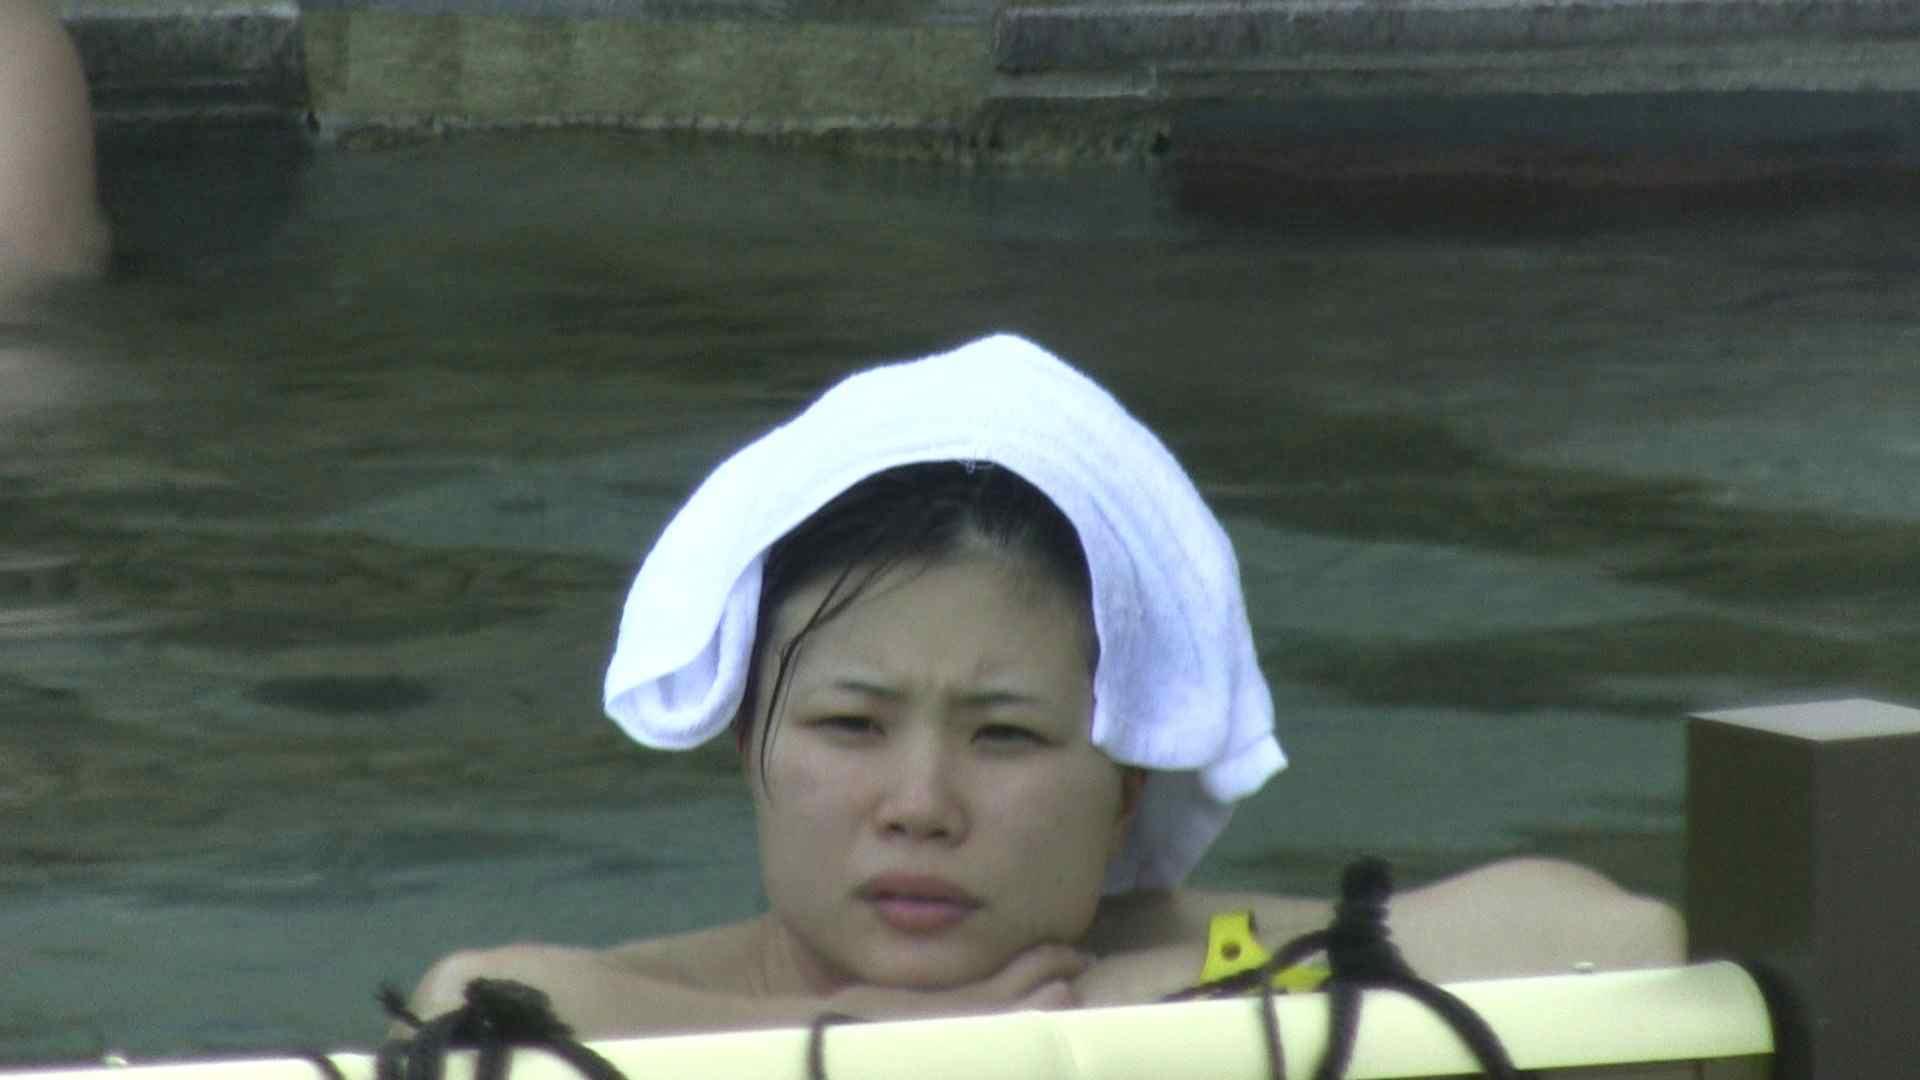 Aquaな露天風呂Vol.183 美しいOLの裸体  105pic 39